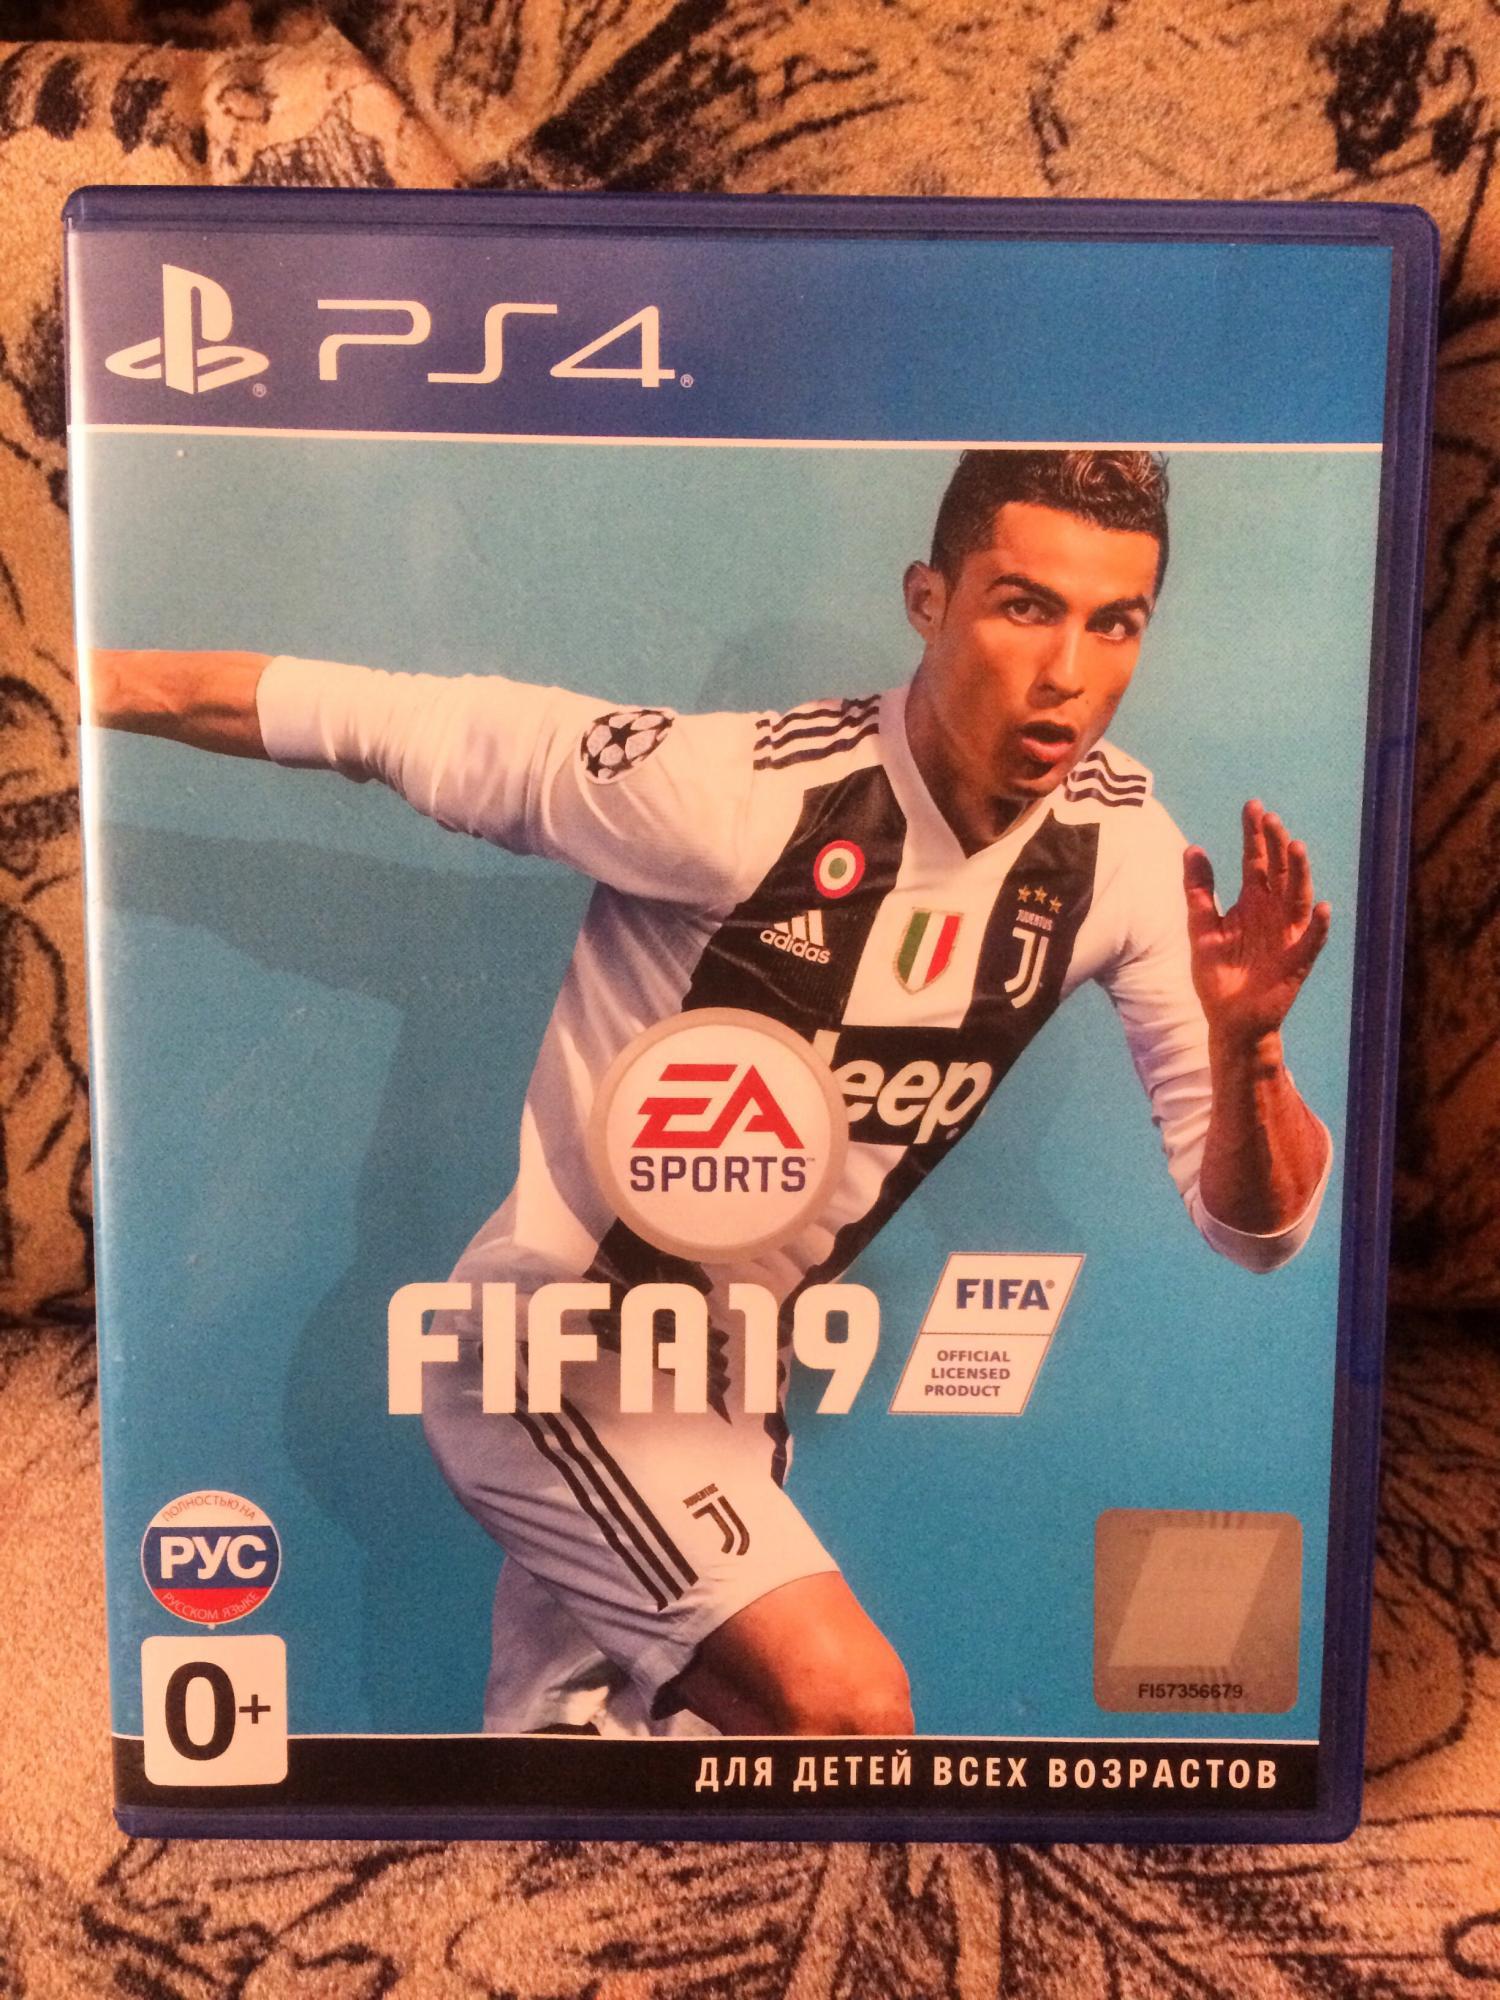 FIFA 19 в Зеленограде 89169507298 купить 1